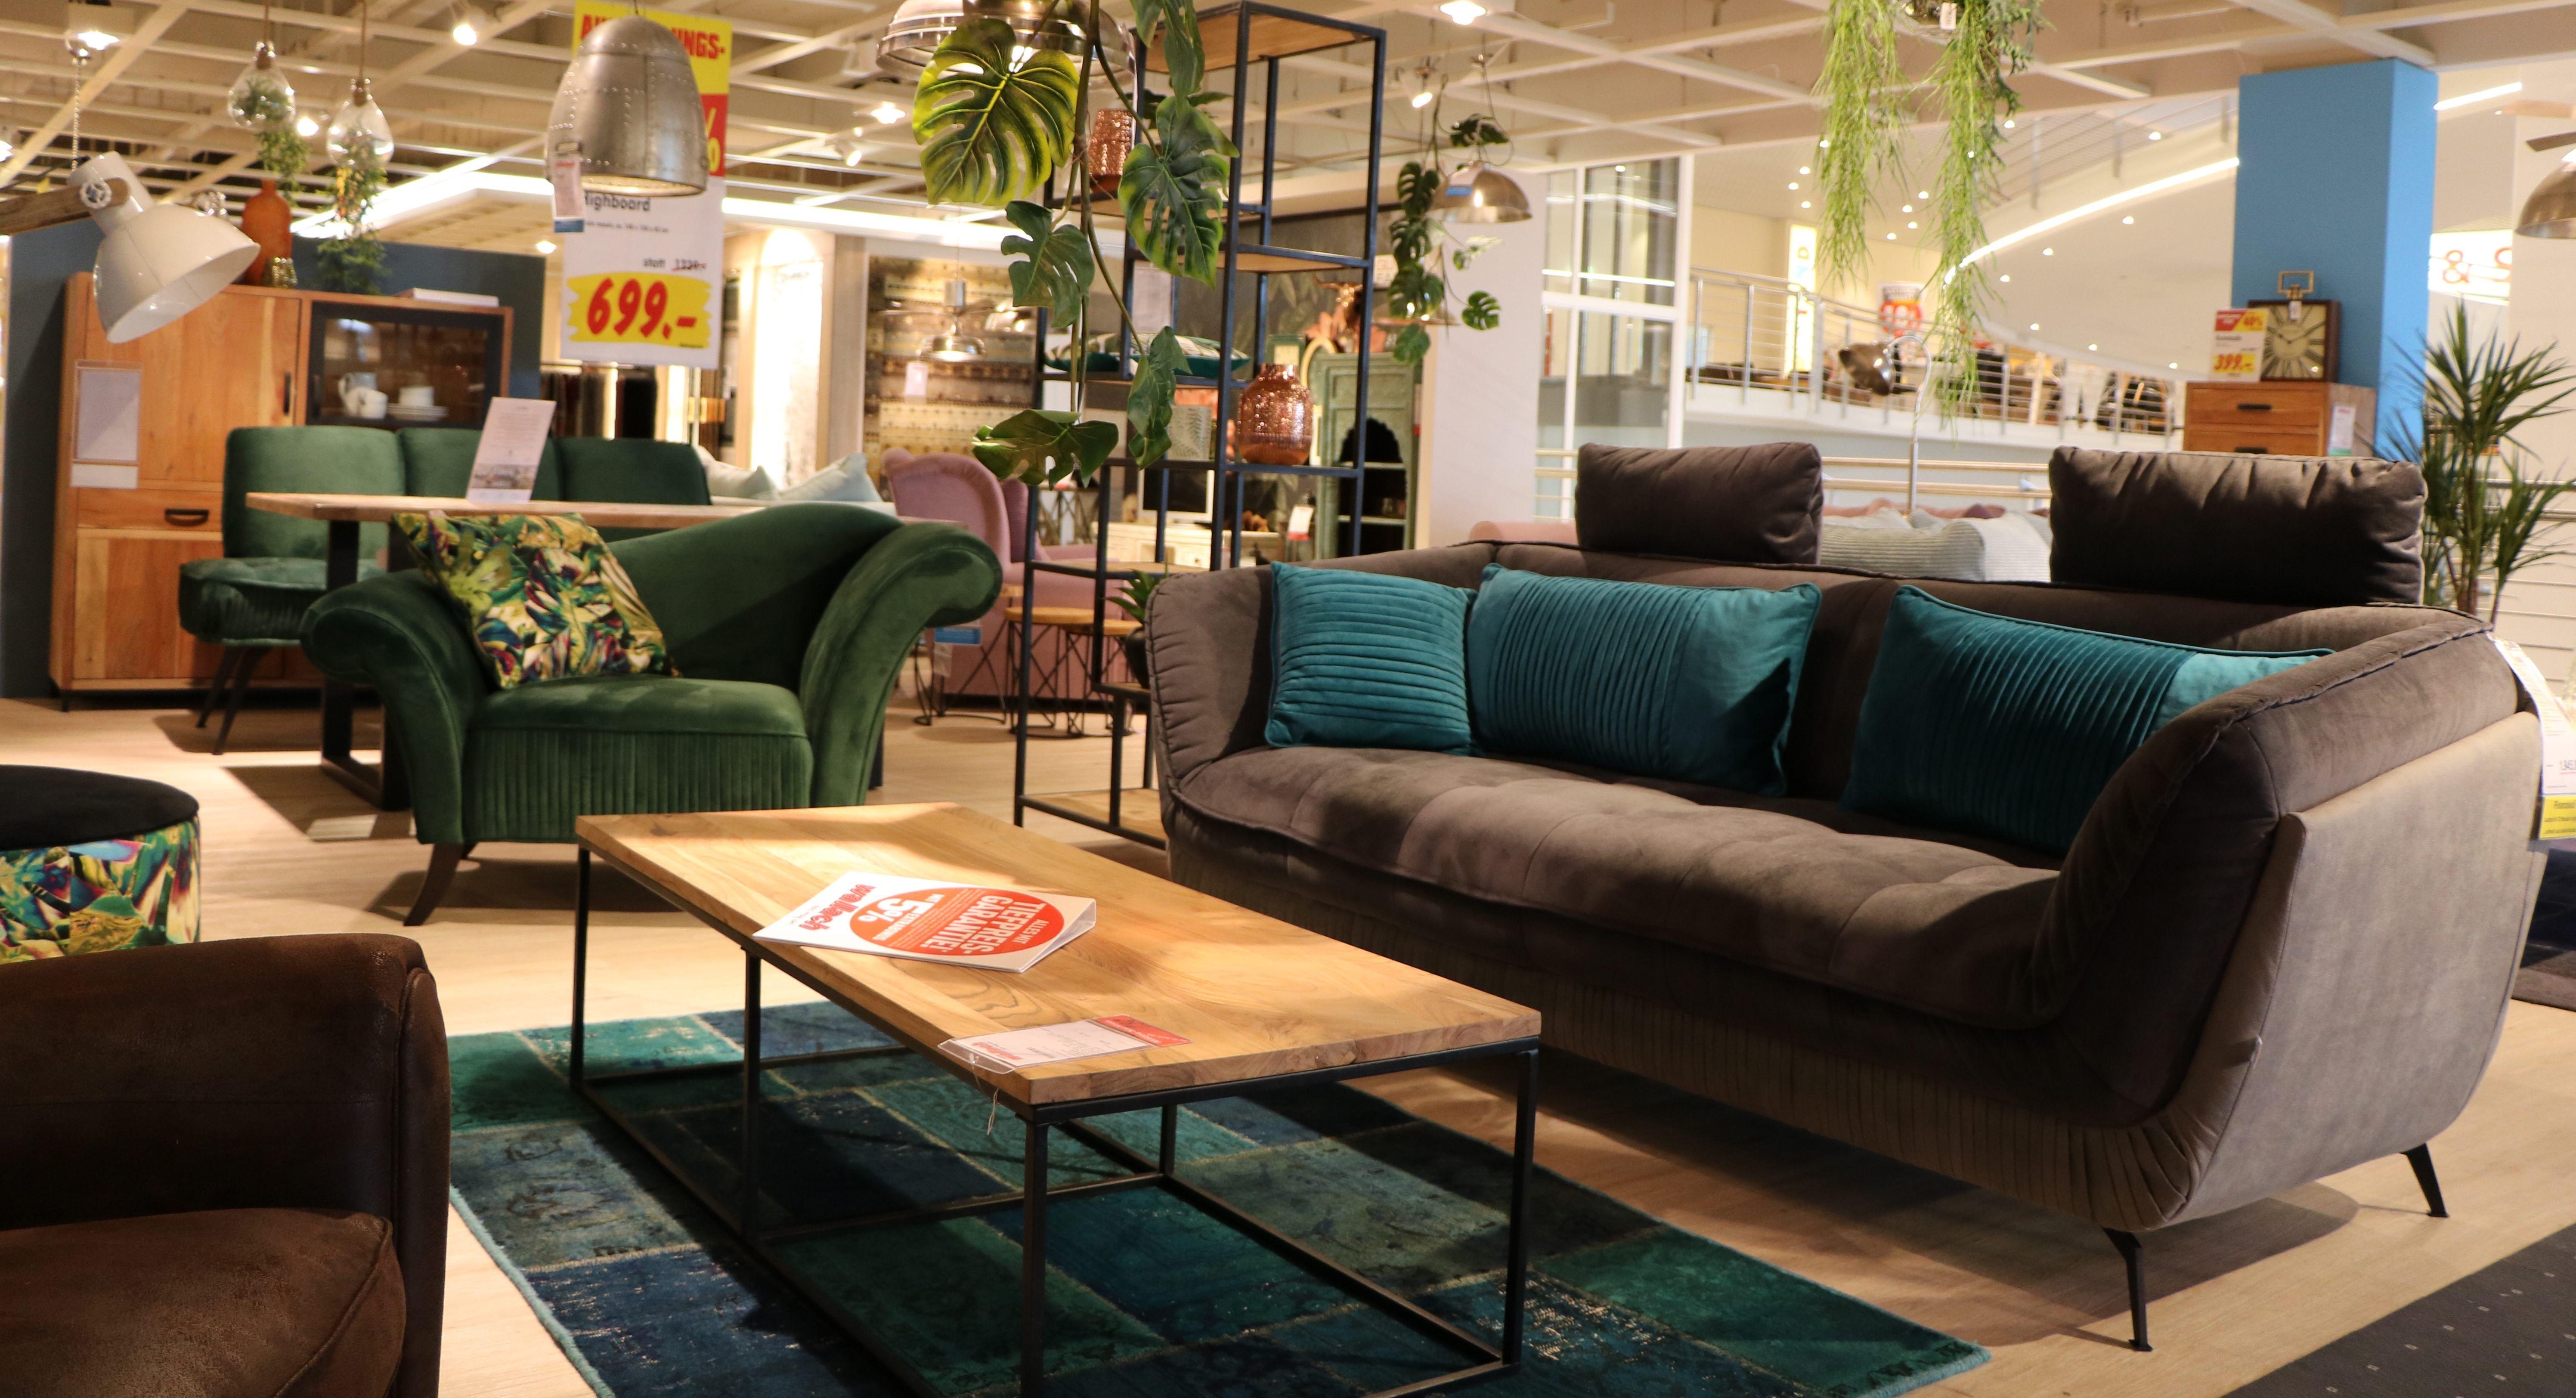 Wohnzimmer Sitzgruppe (Sofa und Sessel) in dunkelgrau mit petrol